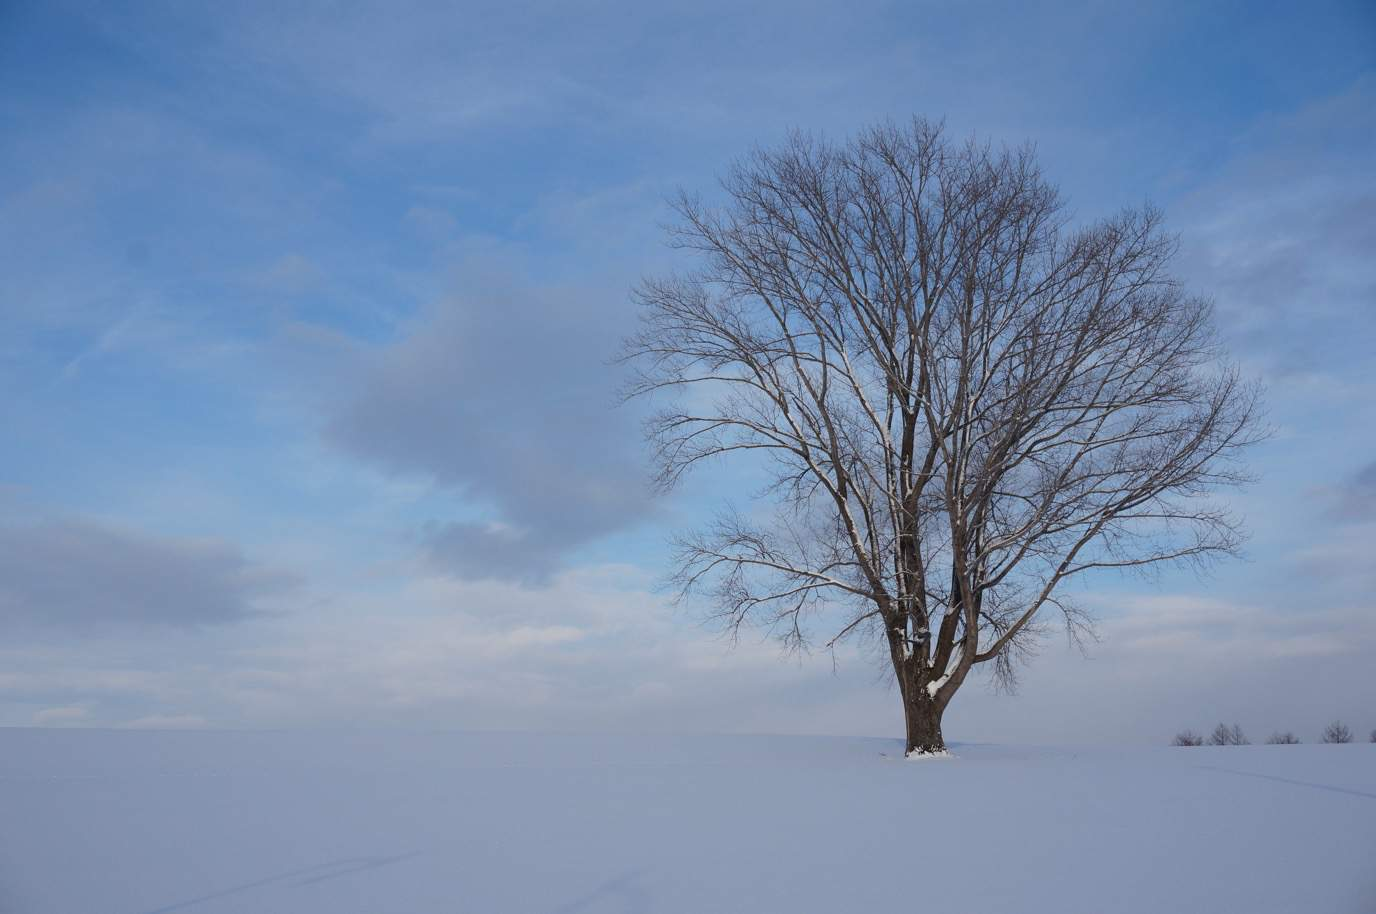 観光タクシーを使って冬の美瑛観光!幻想的で切なくなるような素晴らしい風景が待っていた。【日本一周鉄道旅行記その8】